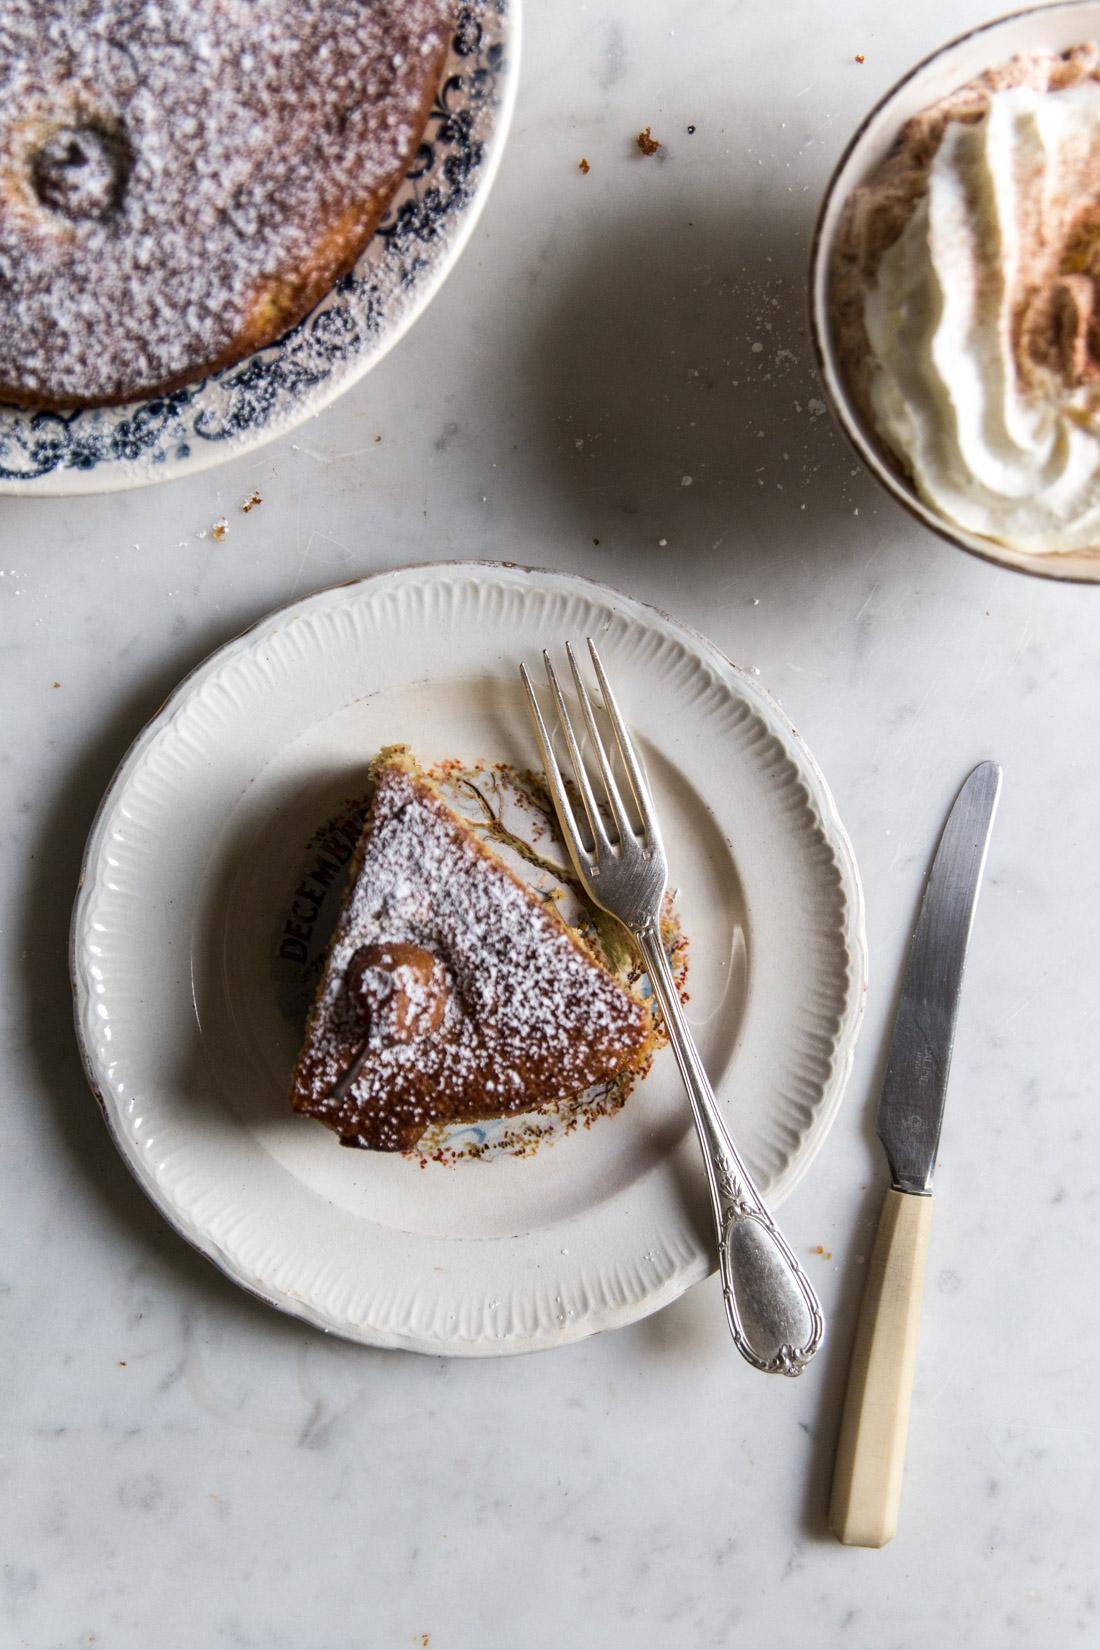 gateau-aux-poires-et-huile-dolive-ophelie-lauret-ophelies-kitchen-book-11